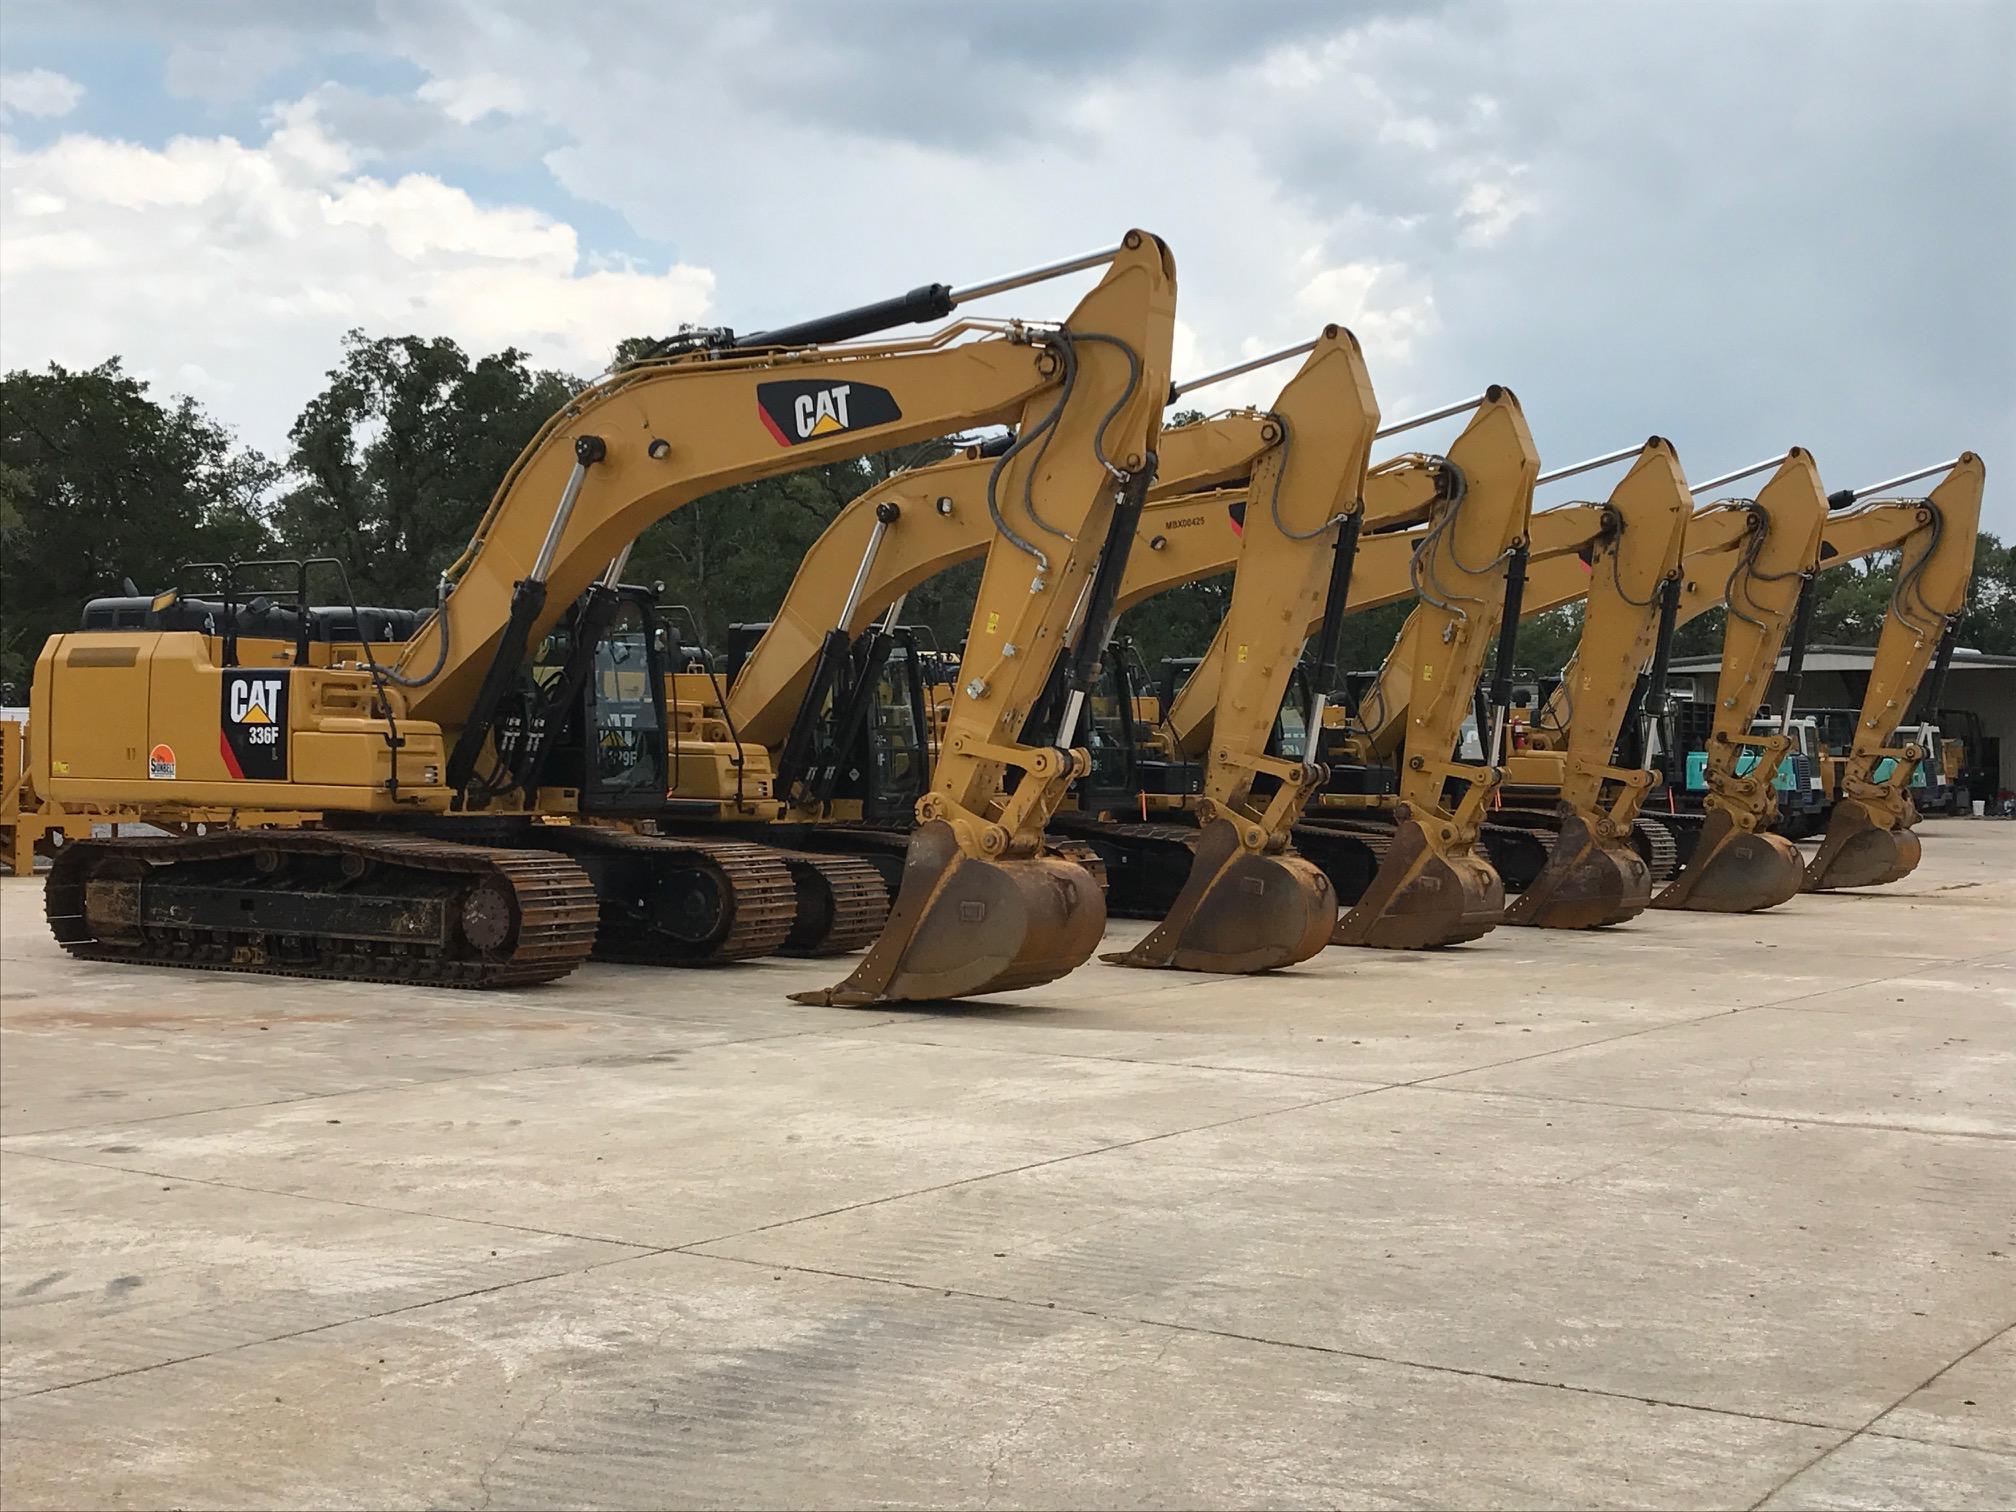 Caterpillar Excavators